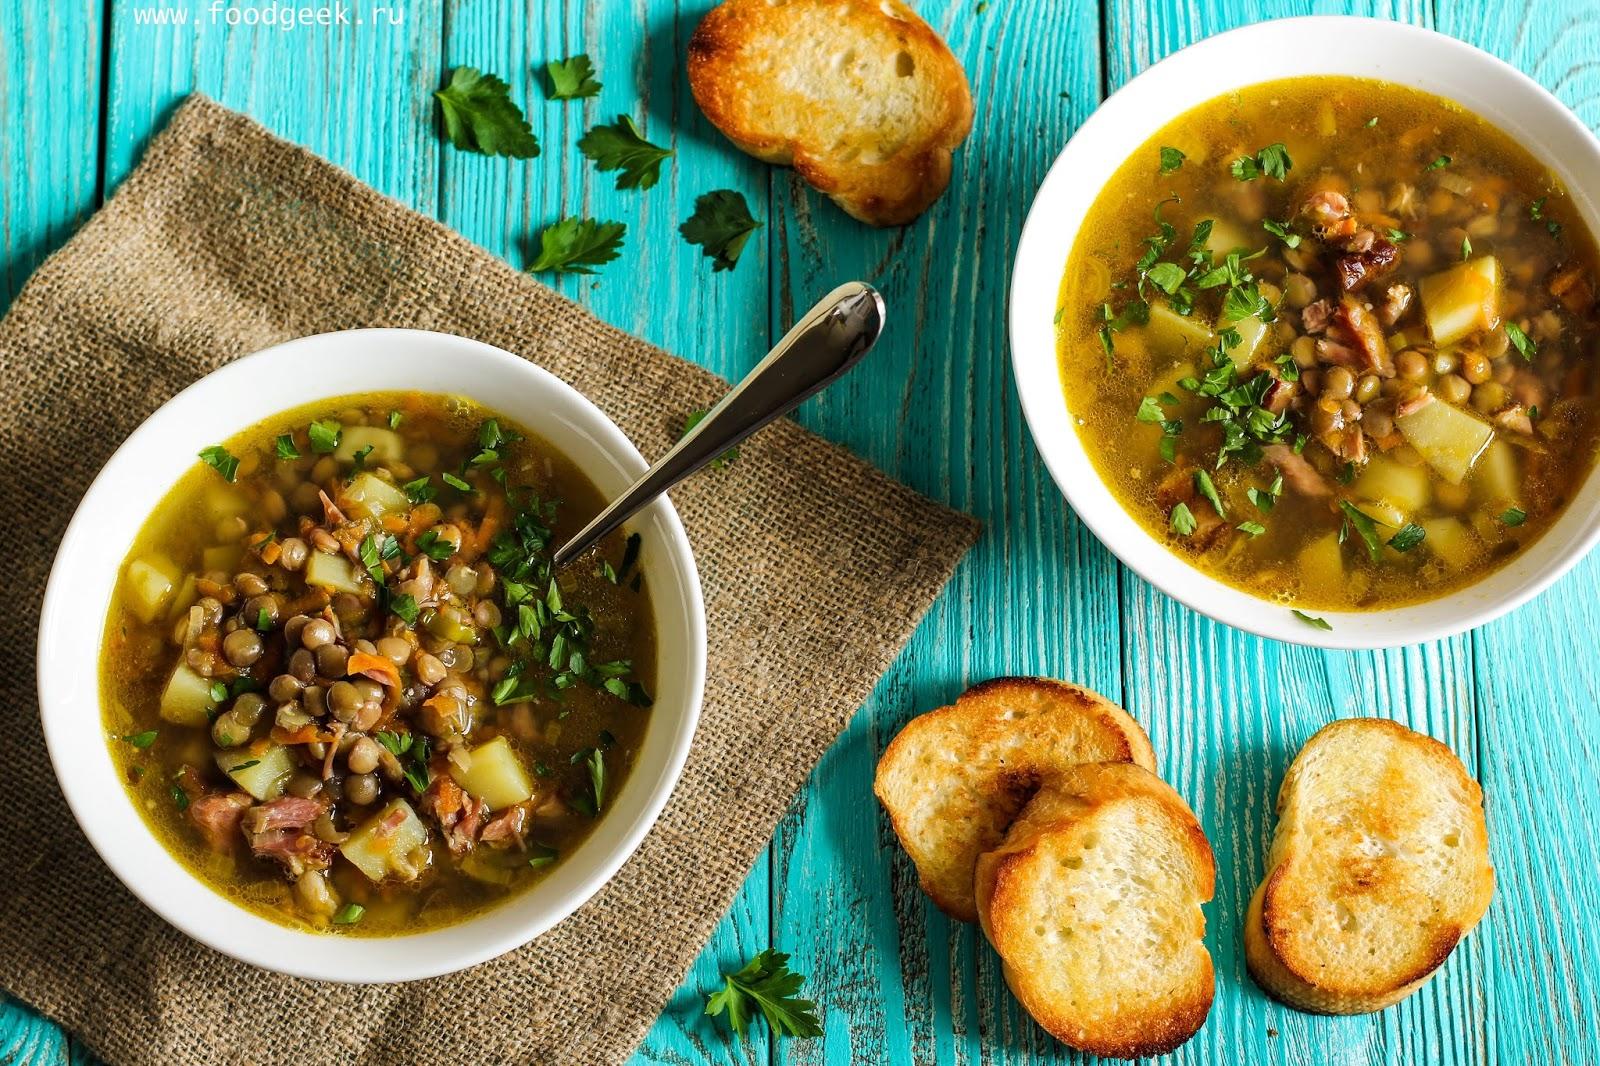 При подаче украсьте блюдо свежей зеленью.